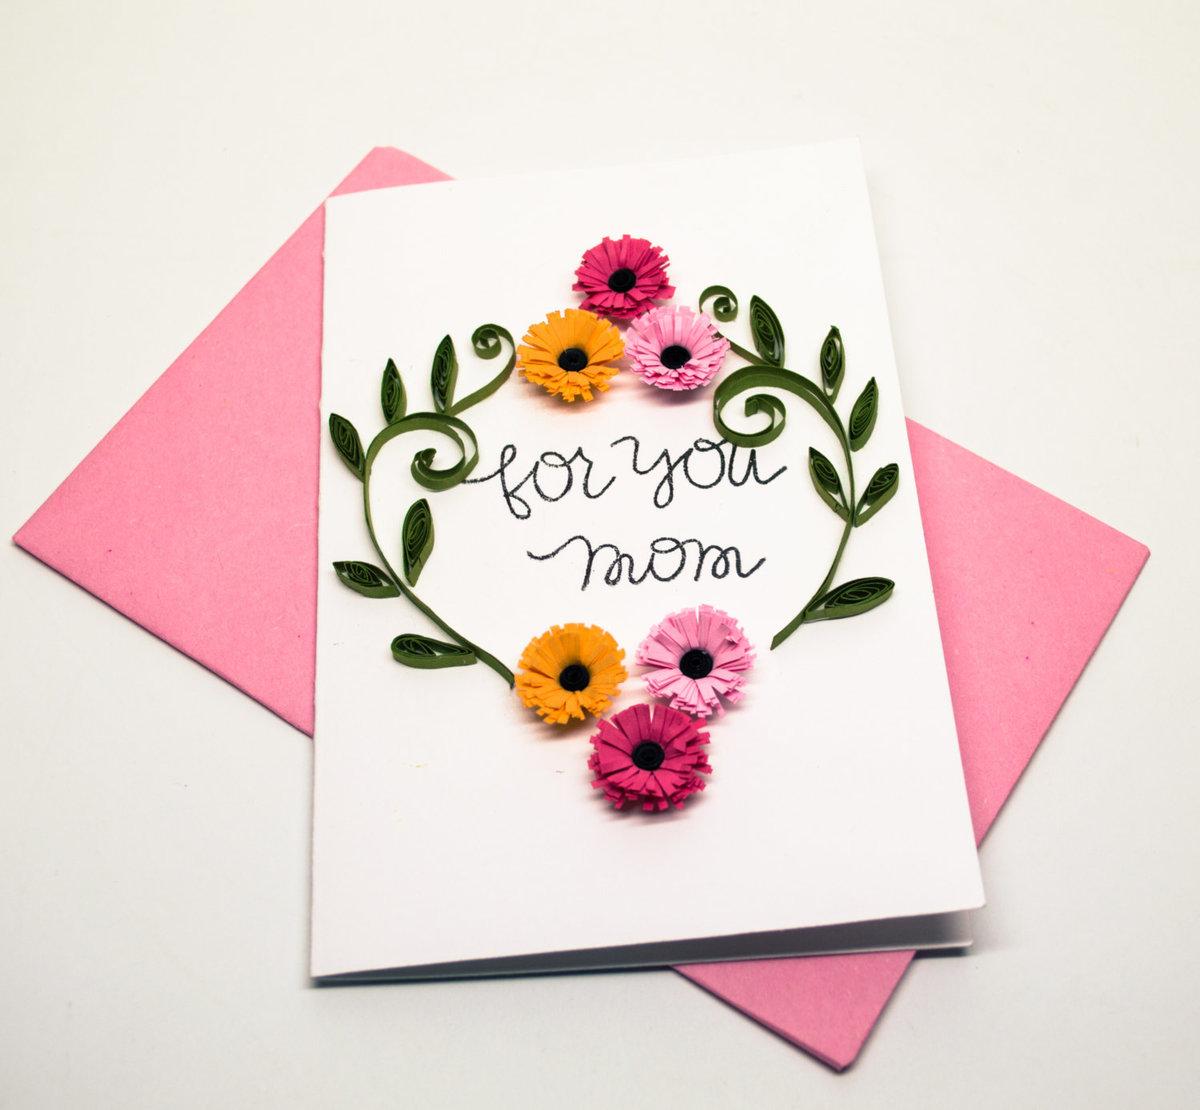 Как можно красиво оформить открытку на день рождения маме, днем рождения